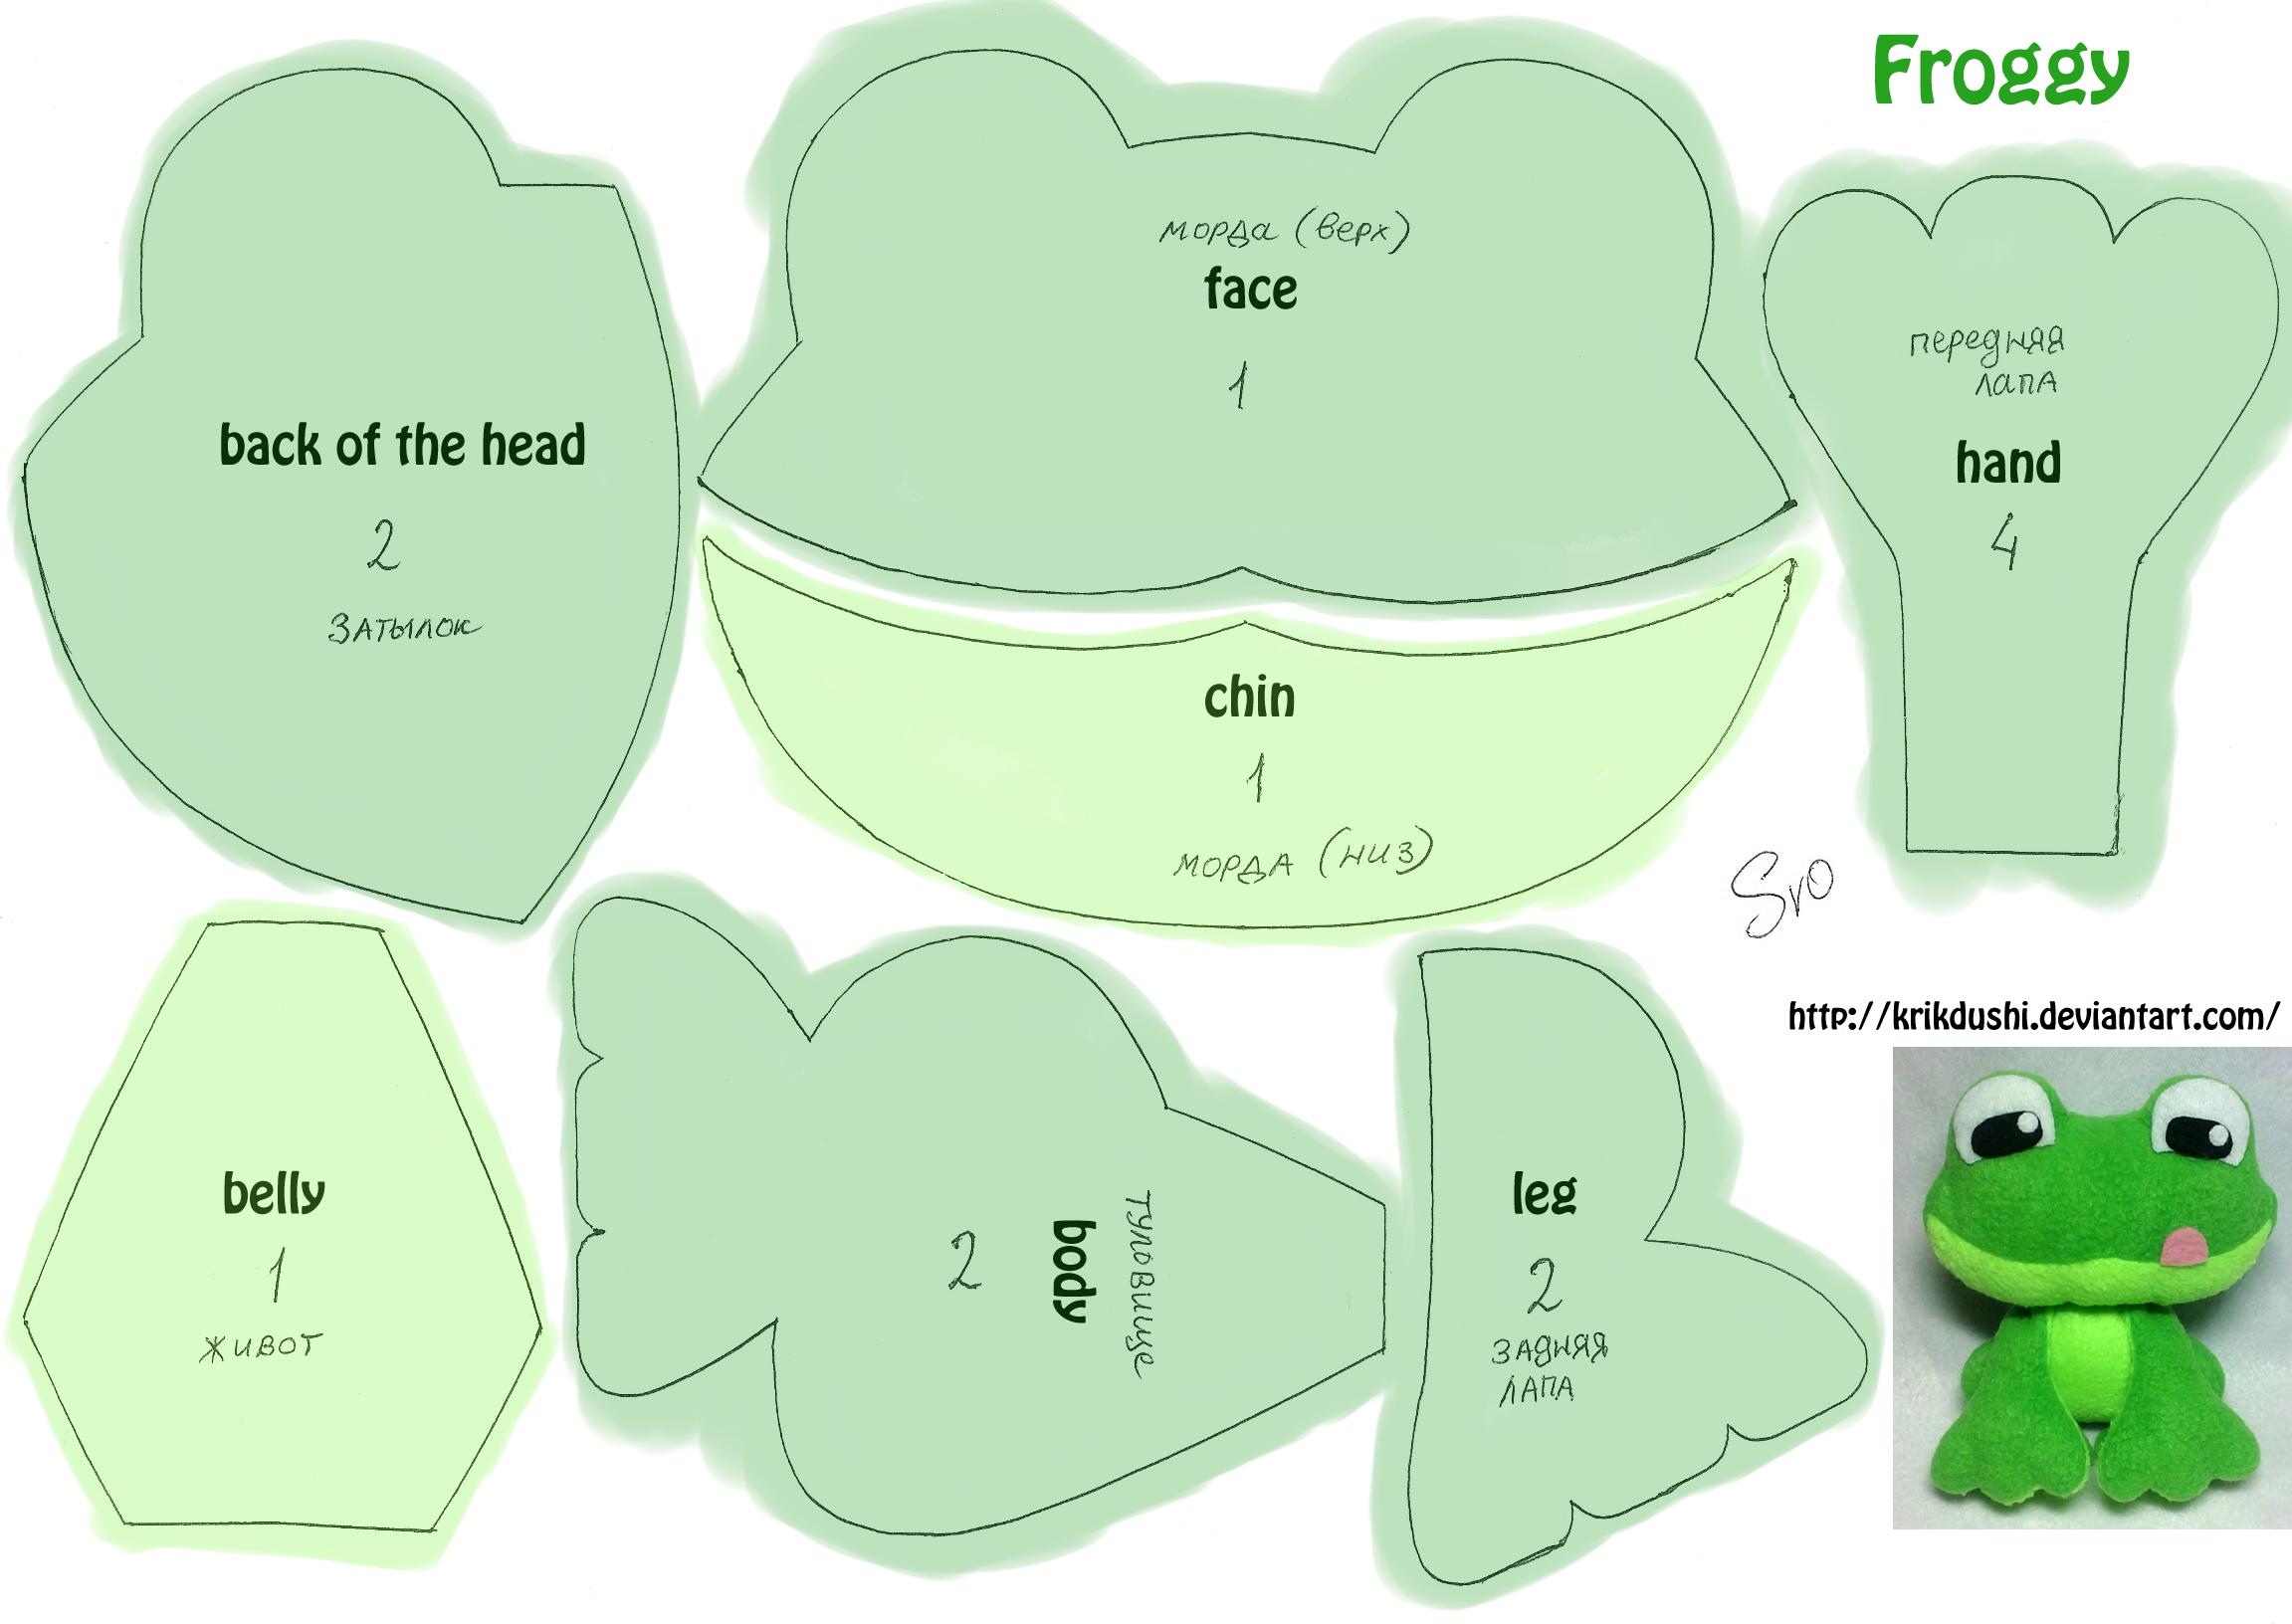 Froggy Frosch nähen | DIY | Pinterest | Frösche, Nähen und Musterschnitt